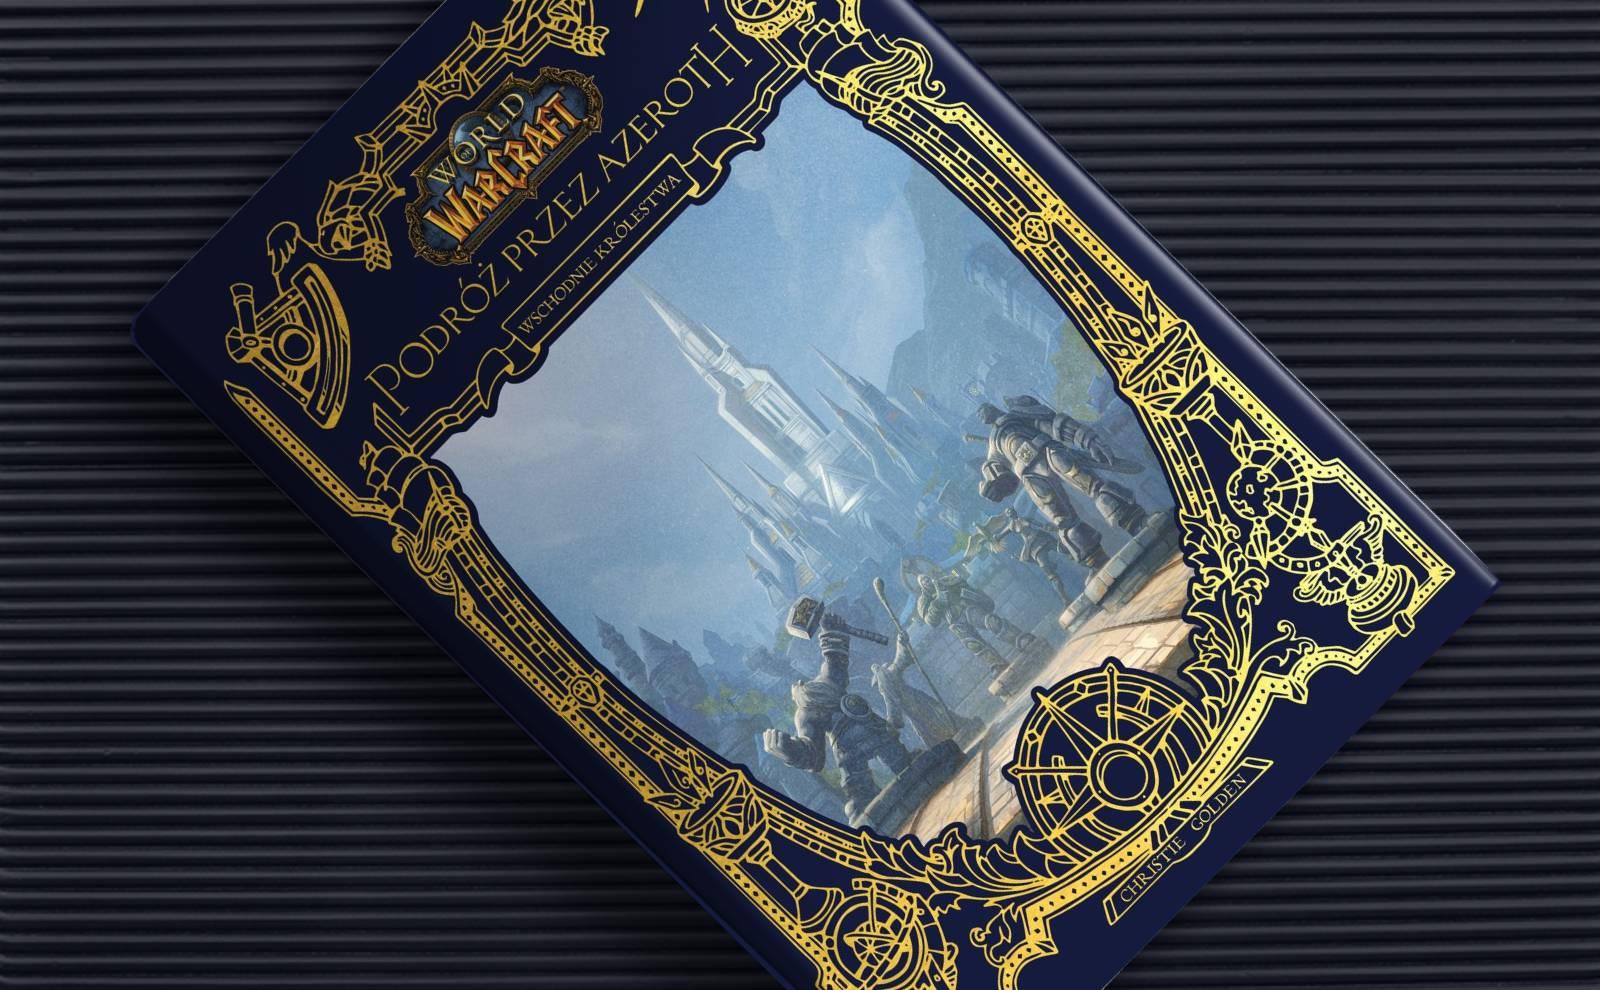 """Zapraszamy na wycieczkę! – recenzja książki """"World of Warcraft: Podróż przez Azeroth – Wschodnie Królestwa"""""""